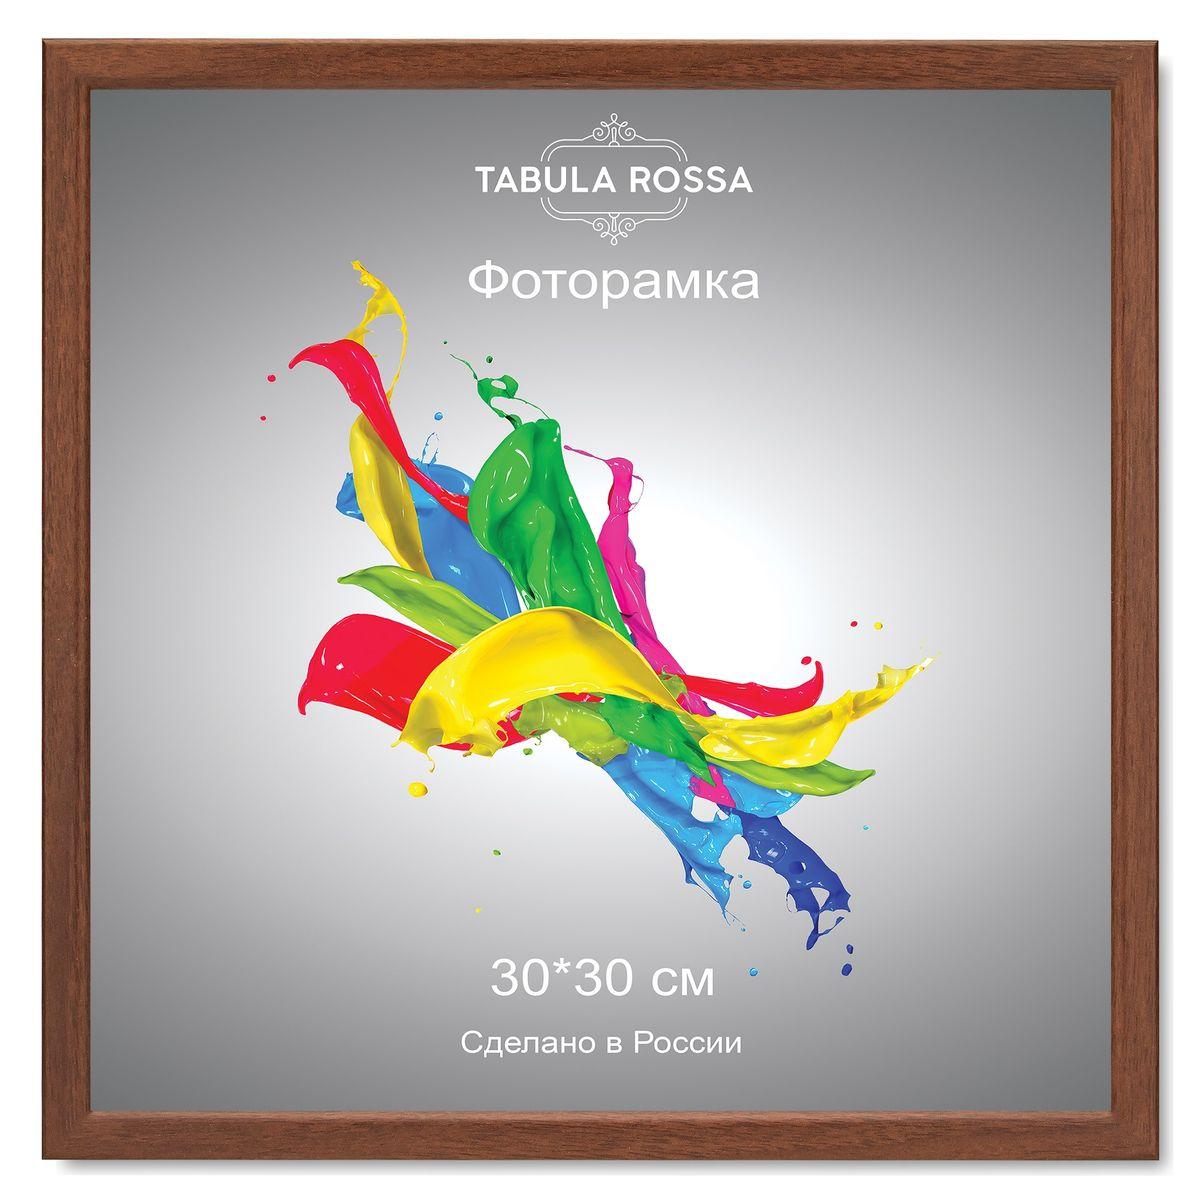 """Фото Фоторамка """"Tabula Rossa"""", цвет: орех, 30 х 30 см. ТР 5137. Купить  в РФ"""